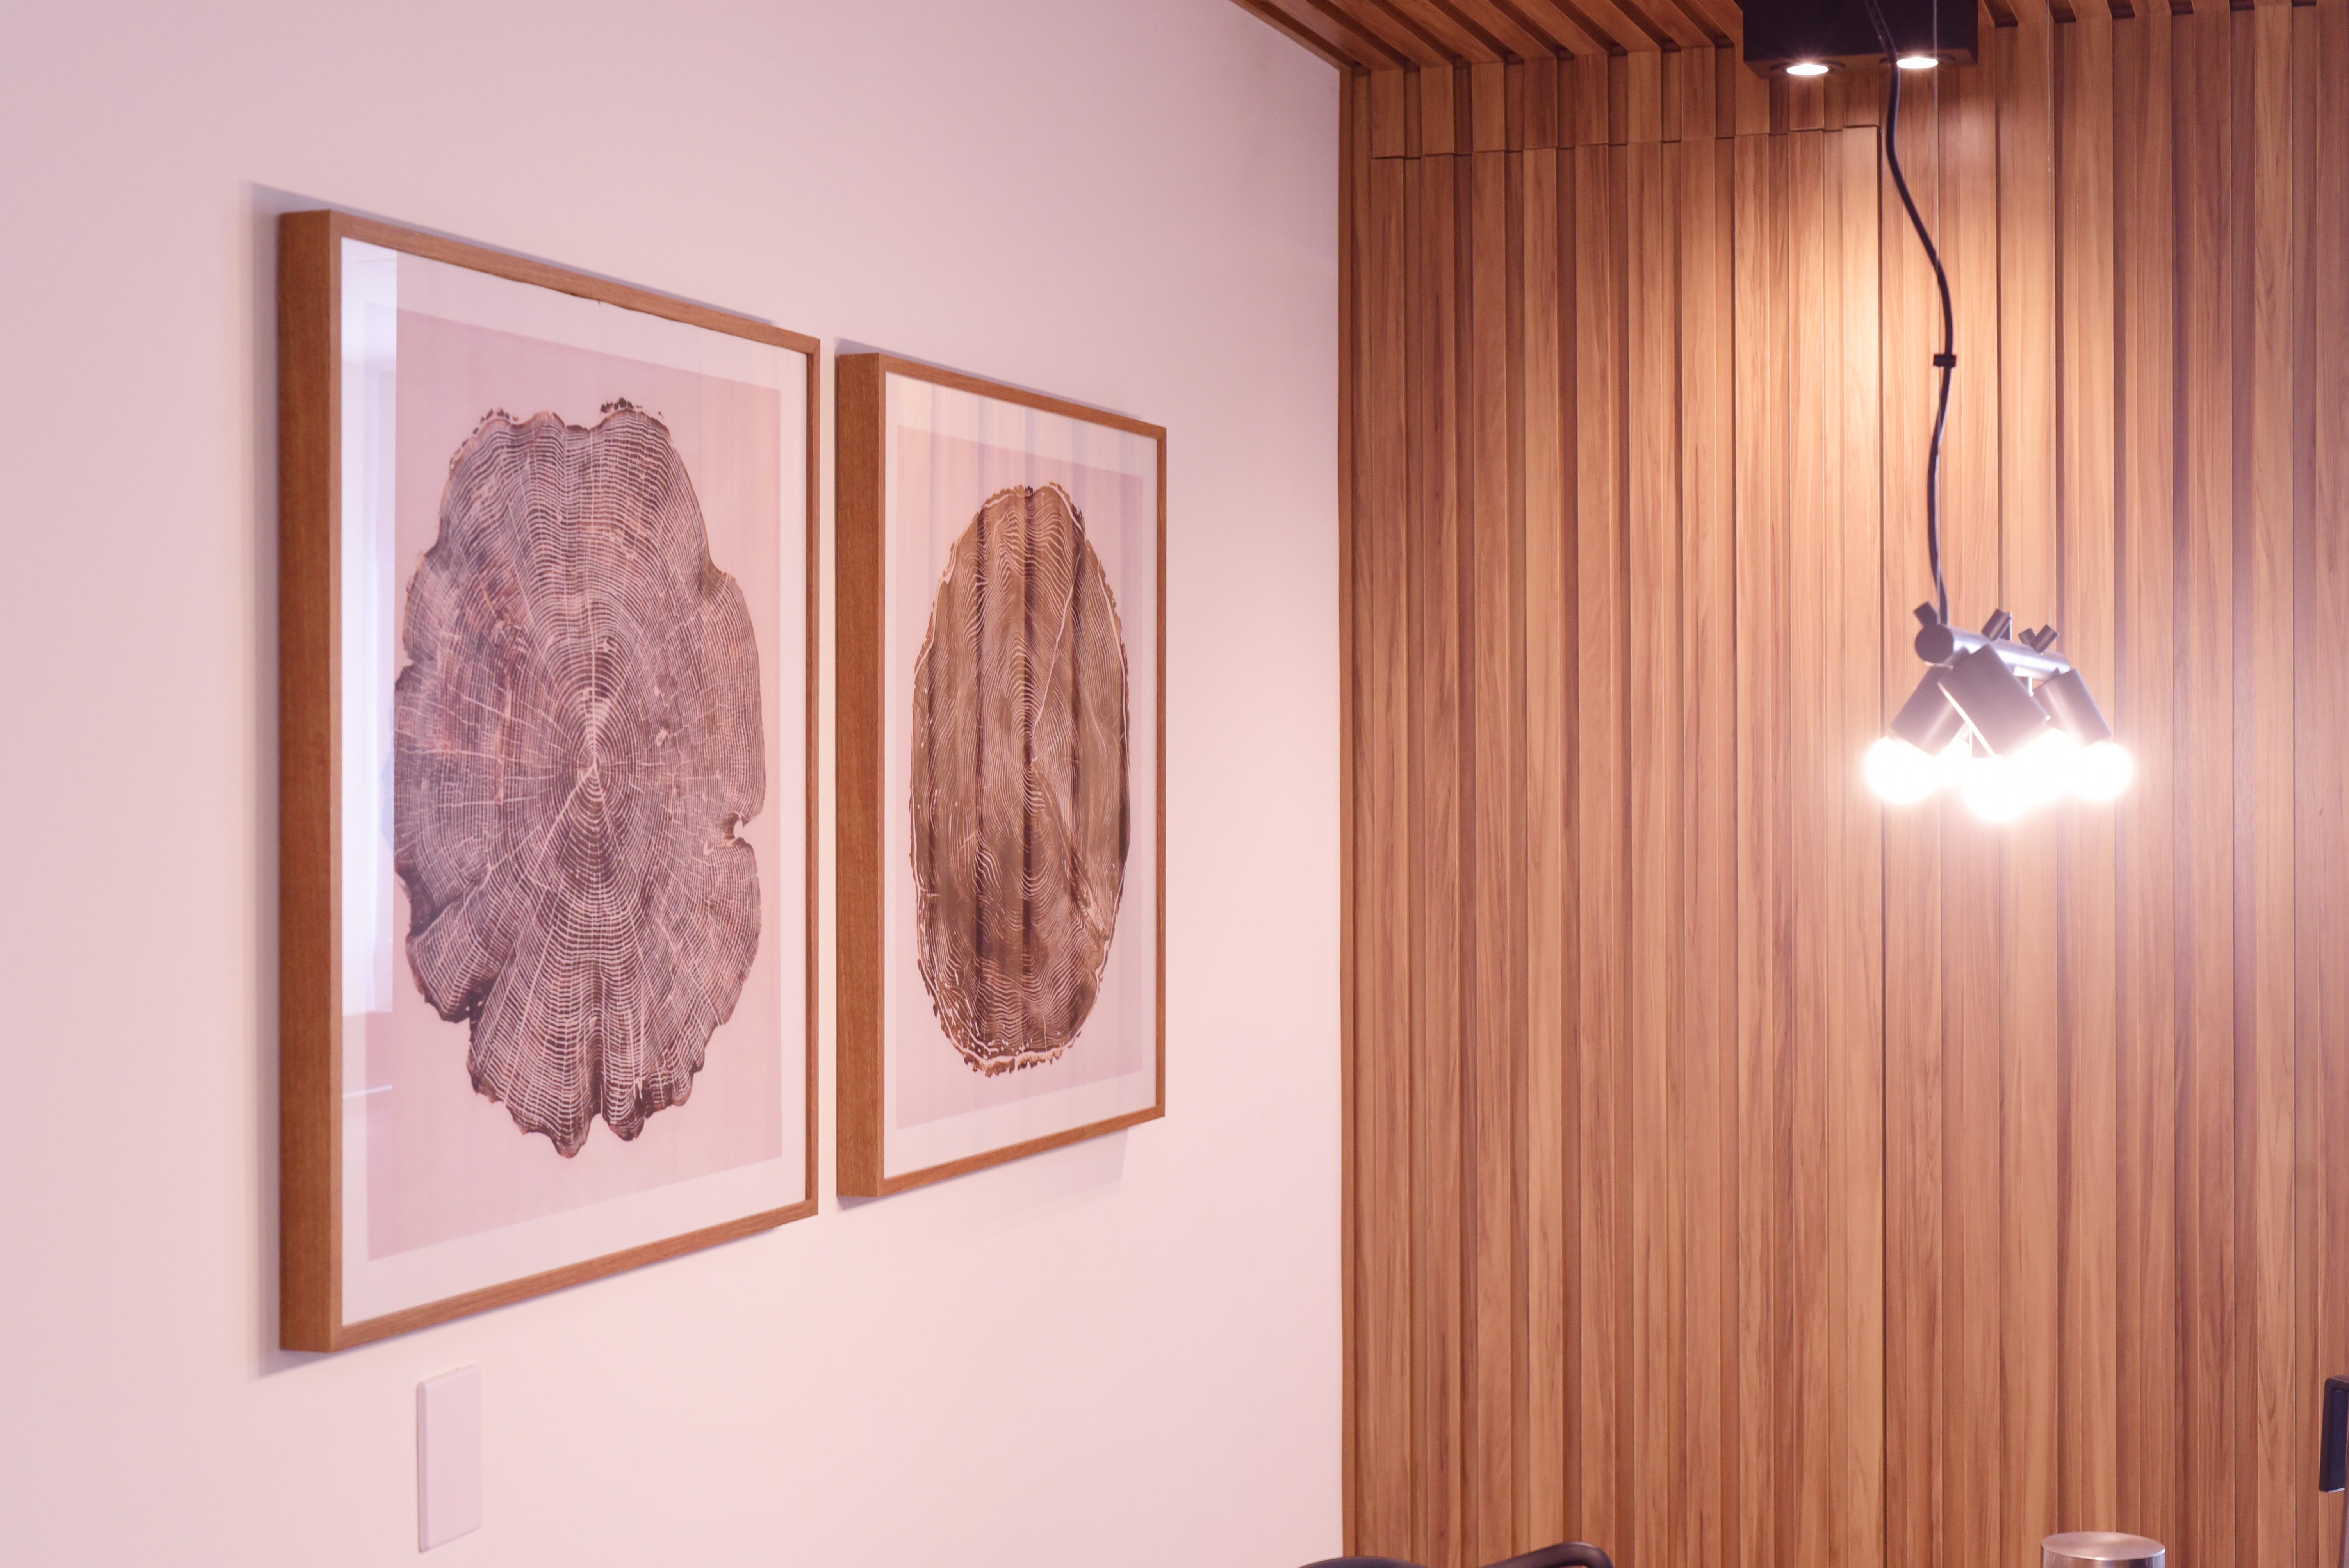 Projeto de design para reforma de apartamento moderno em Curitiba - Estudio Murilo Zadulski Interiores - Projeto sala moderna minimalista 08